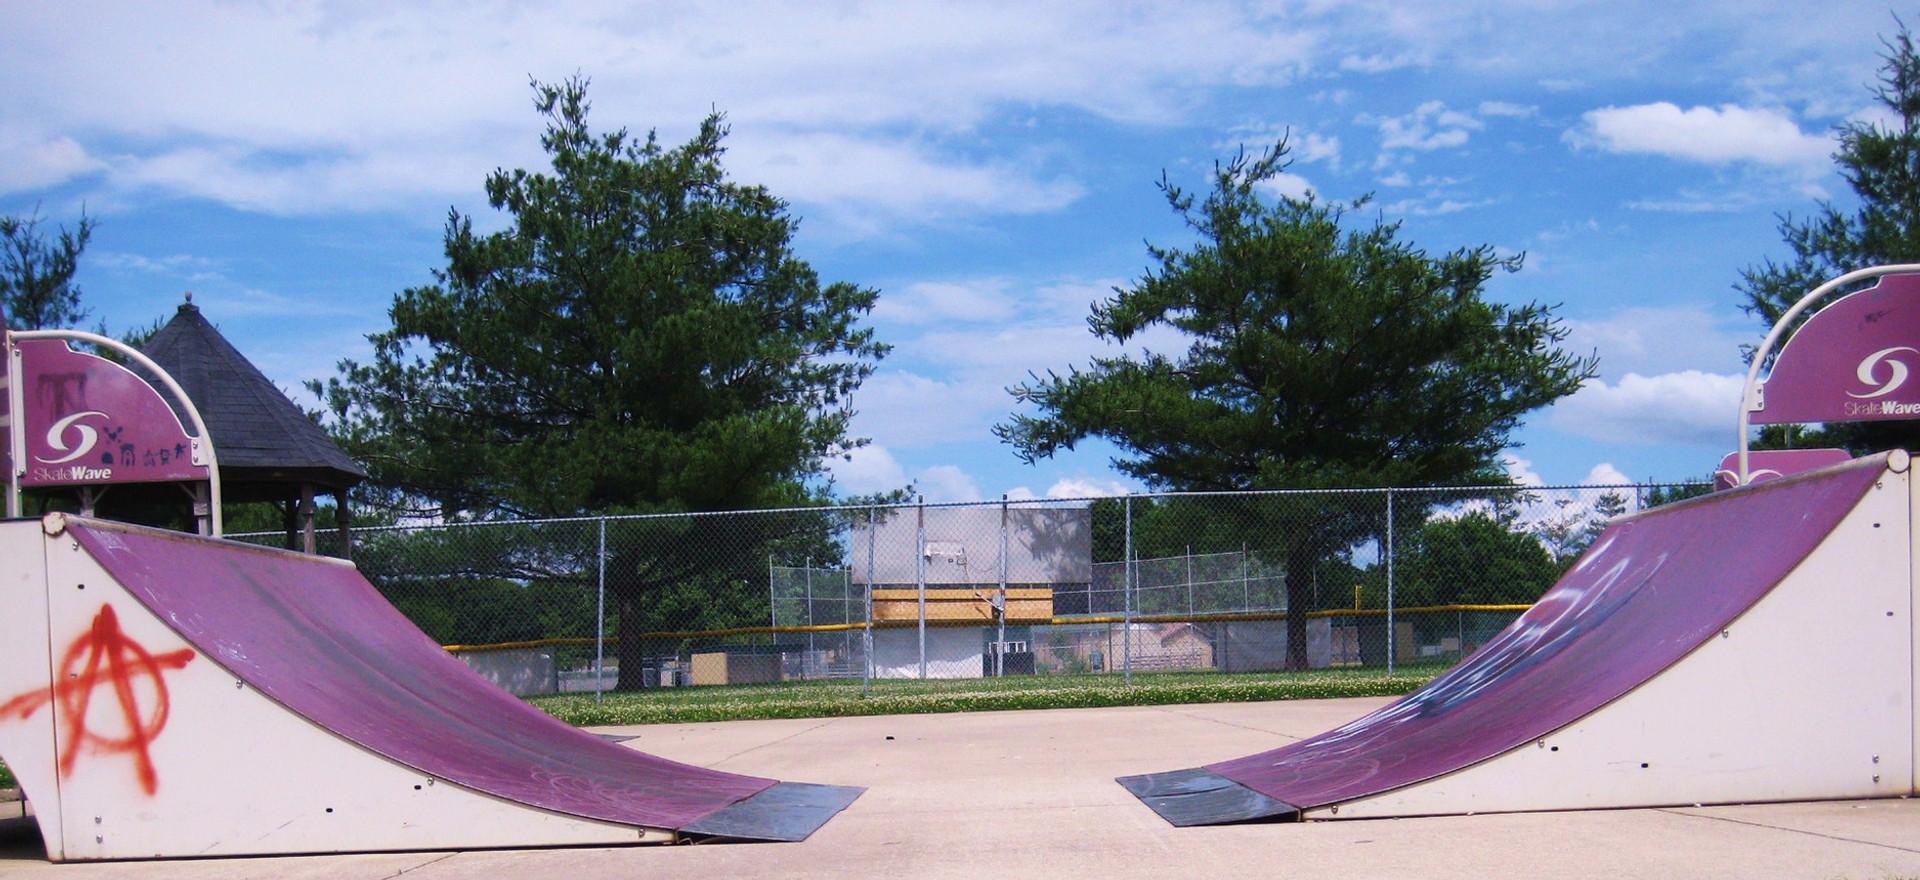 Lykins Skate Park 2.JPG